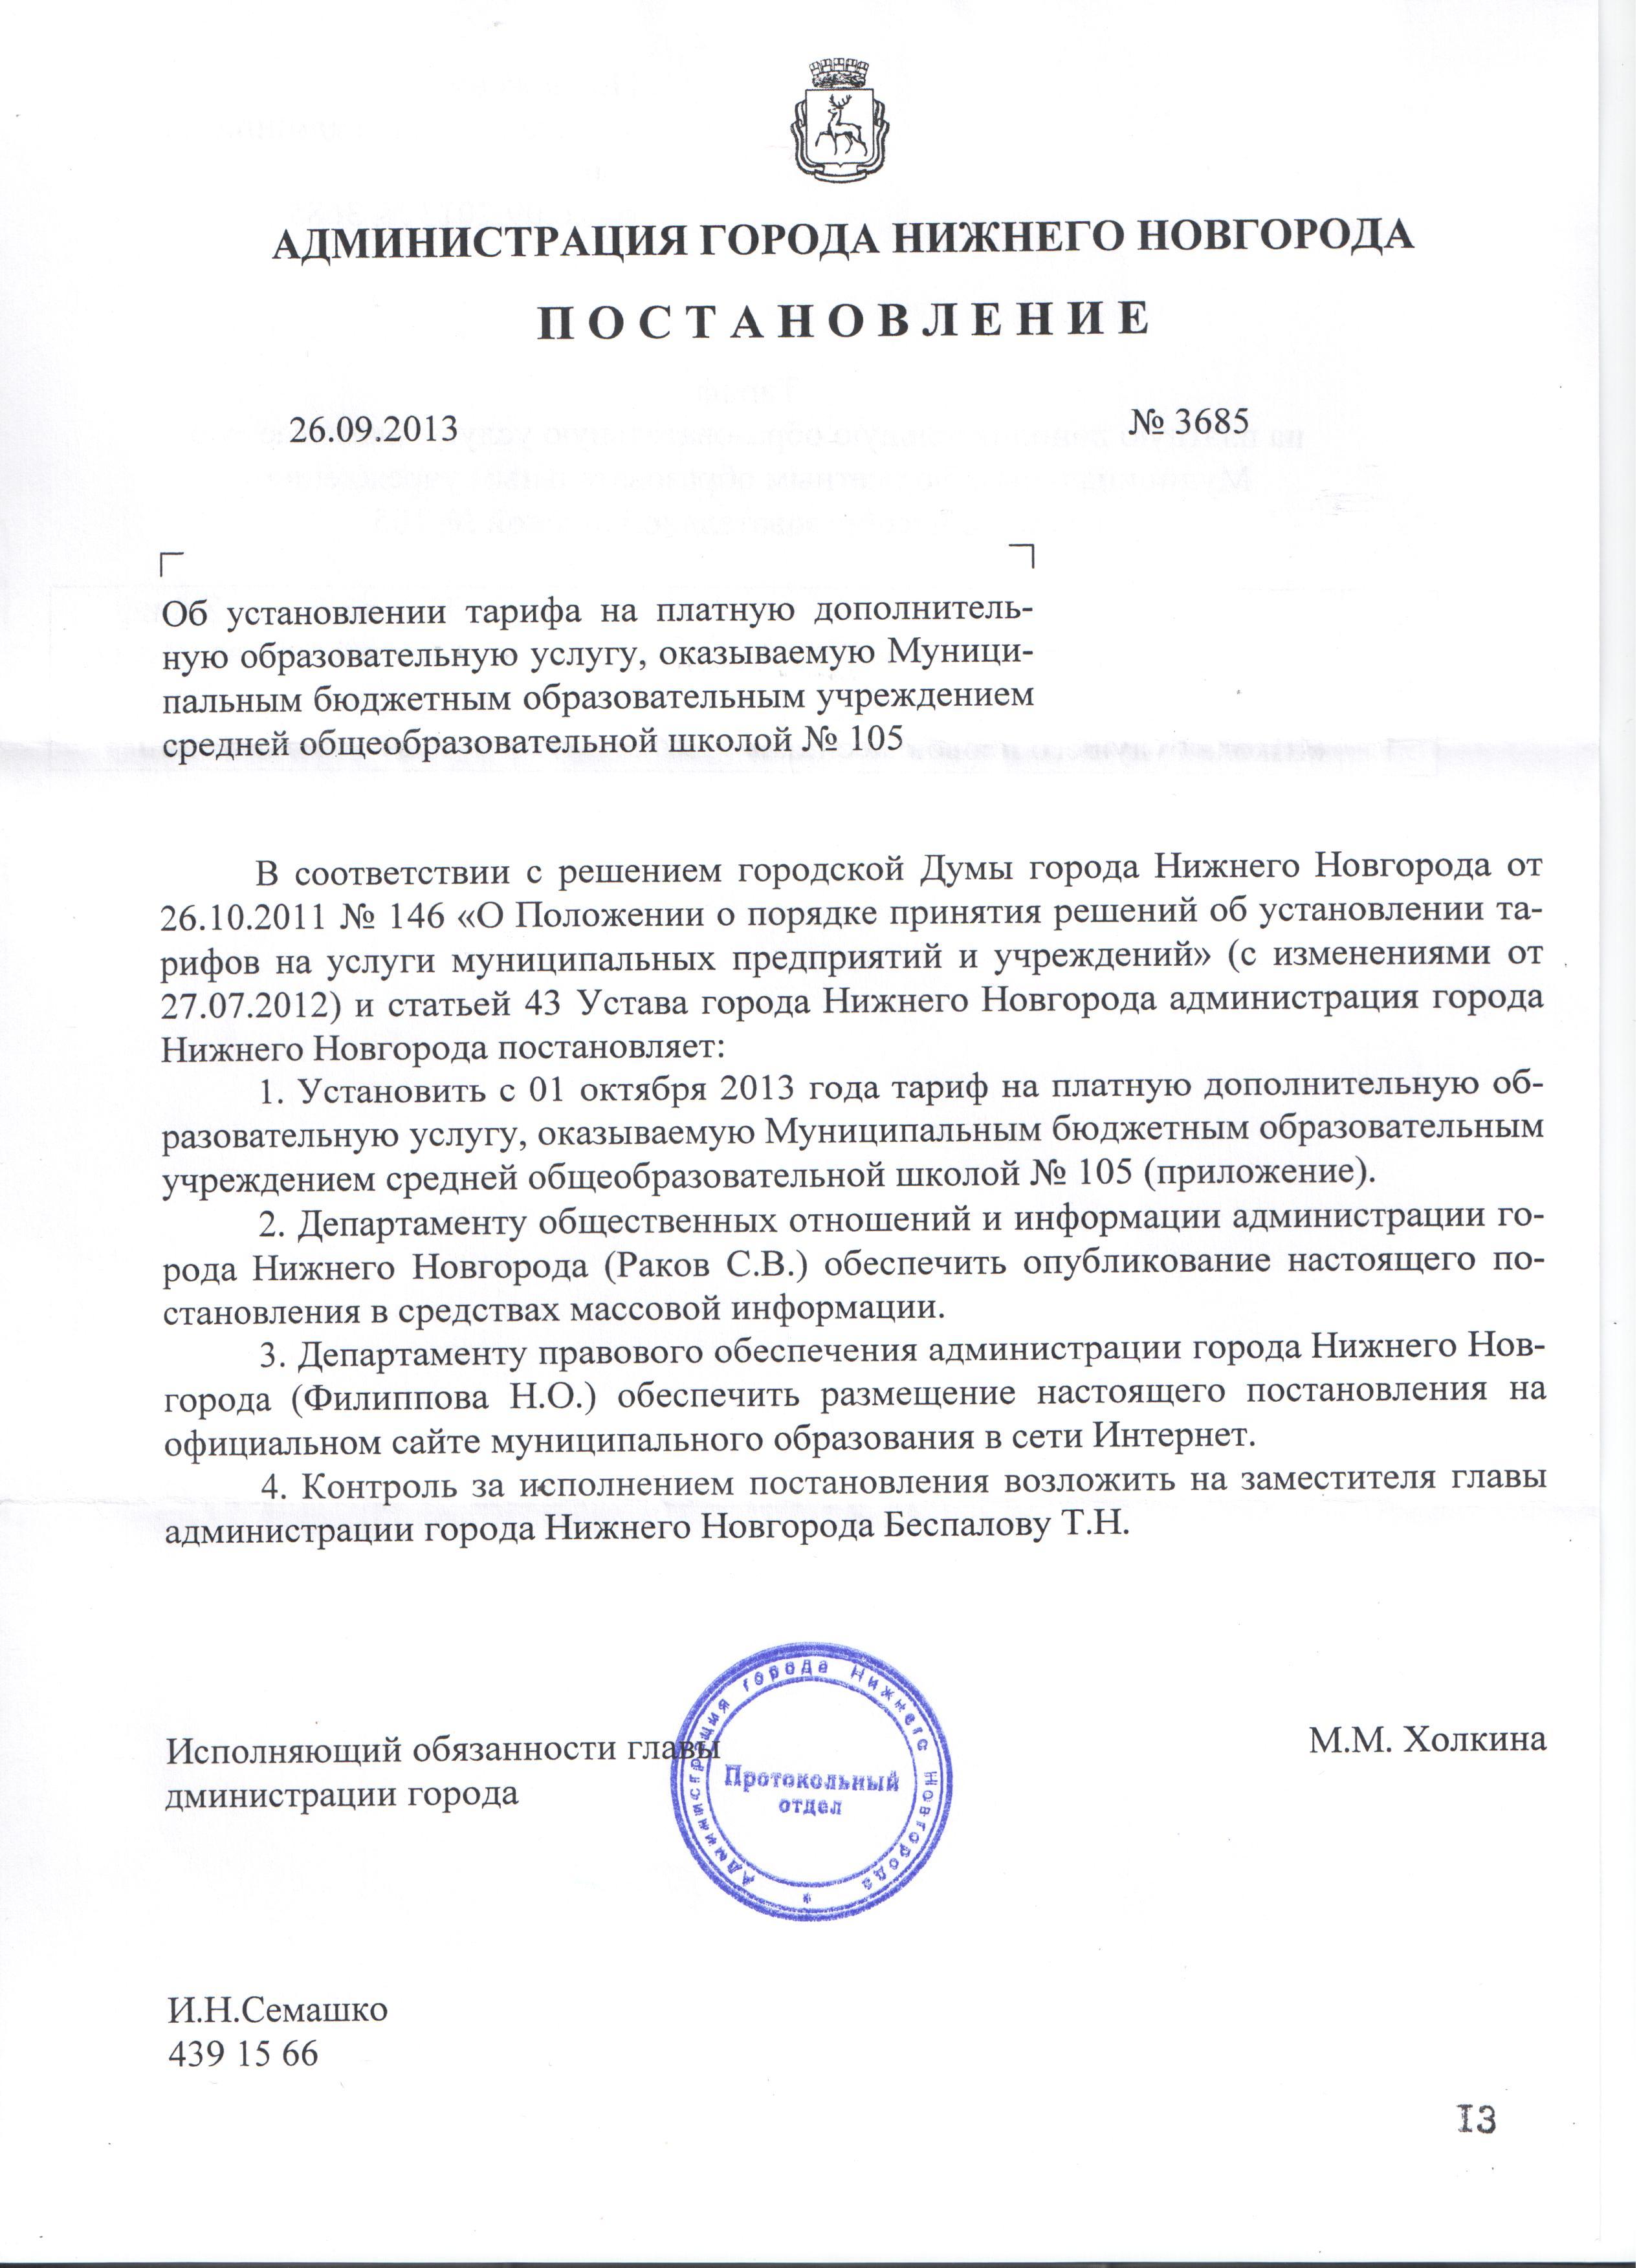 Постановление о тарифе  ШБП 1